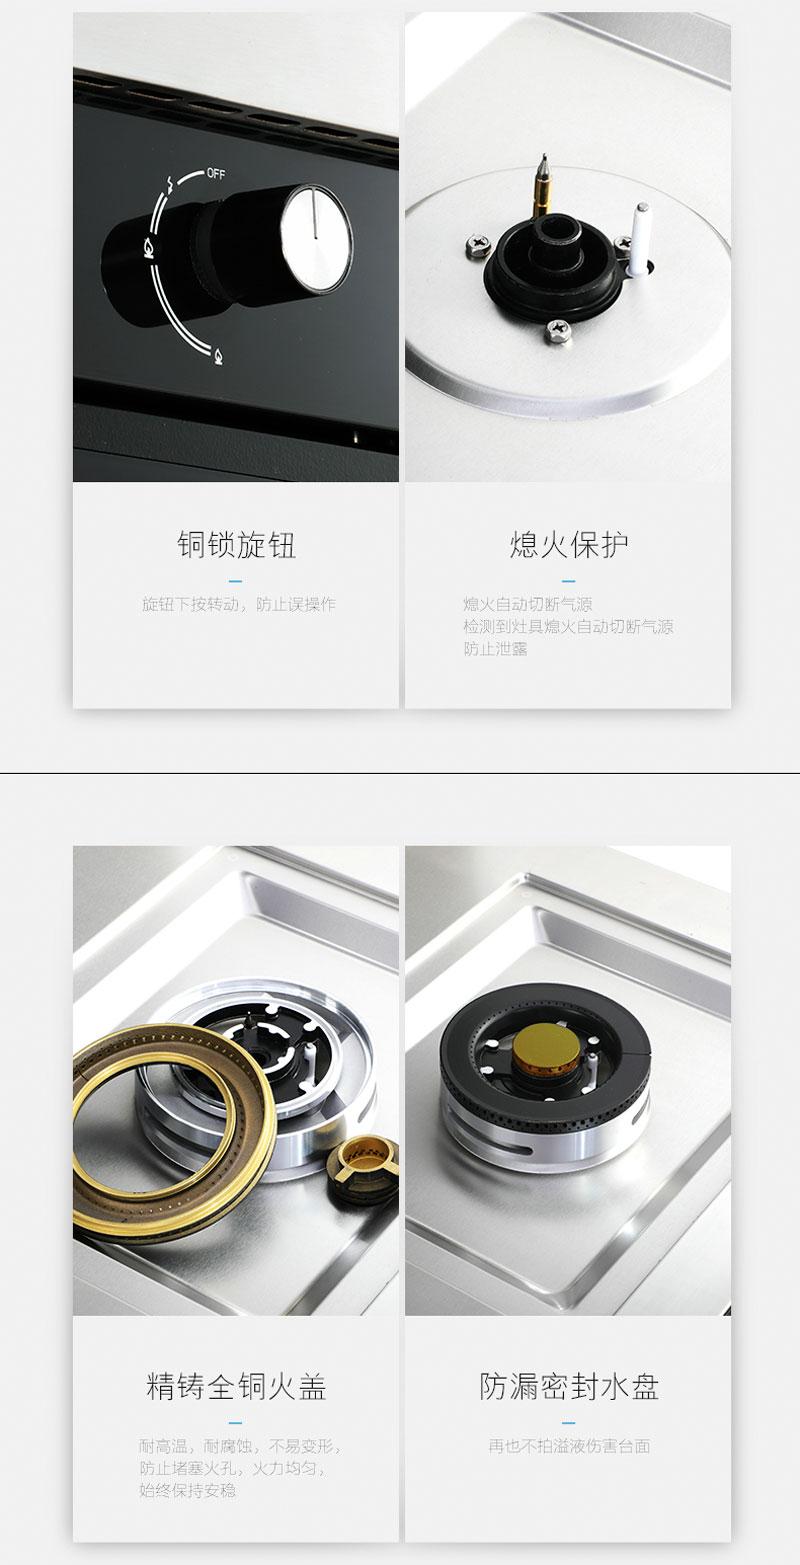 威可多集成灶 W900C-5产品图片_8